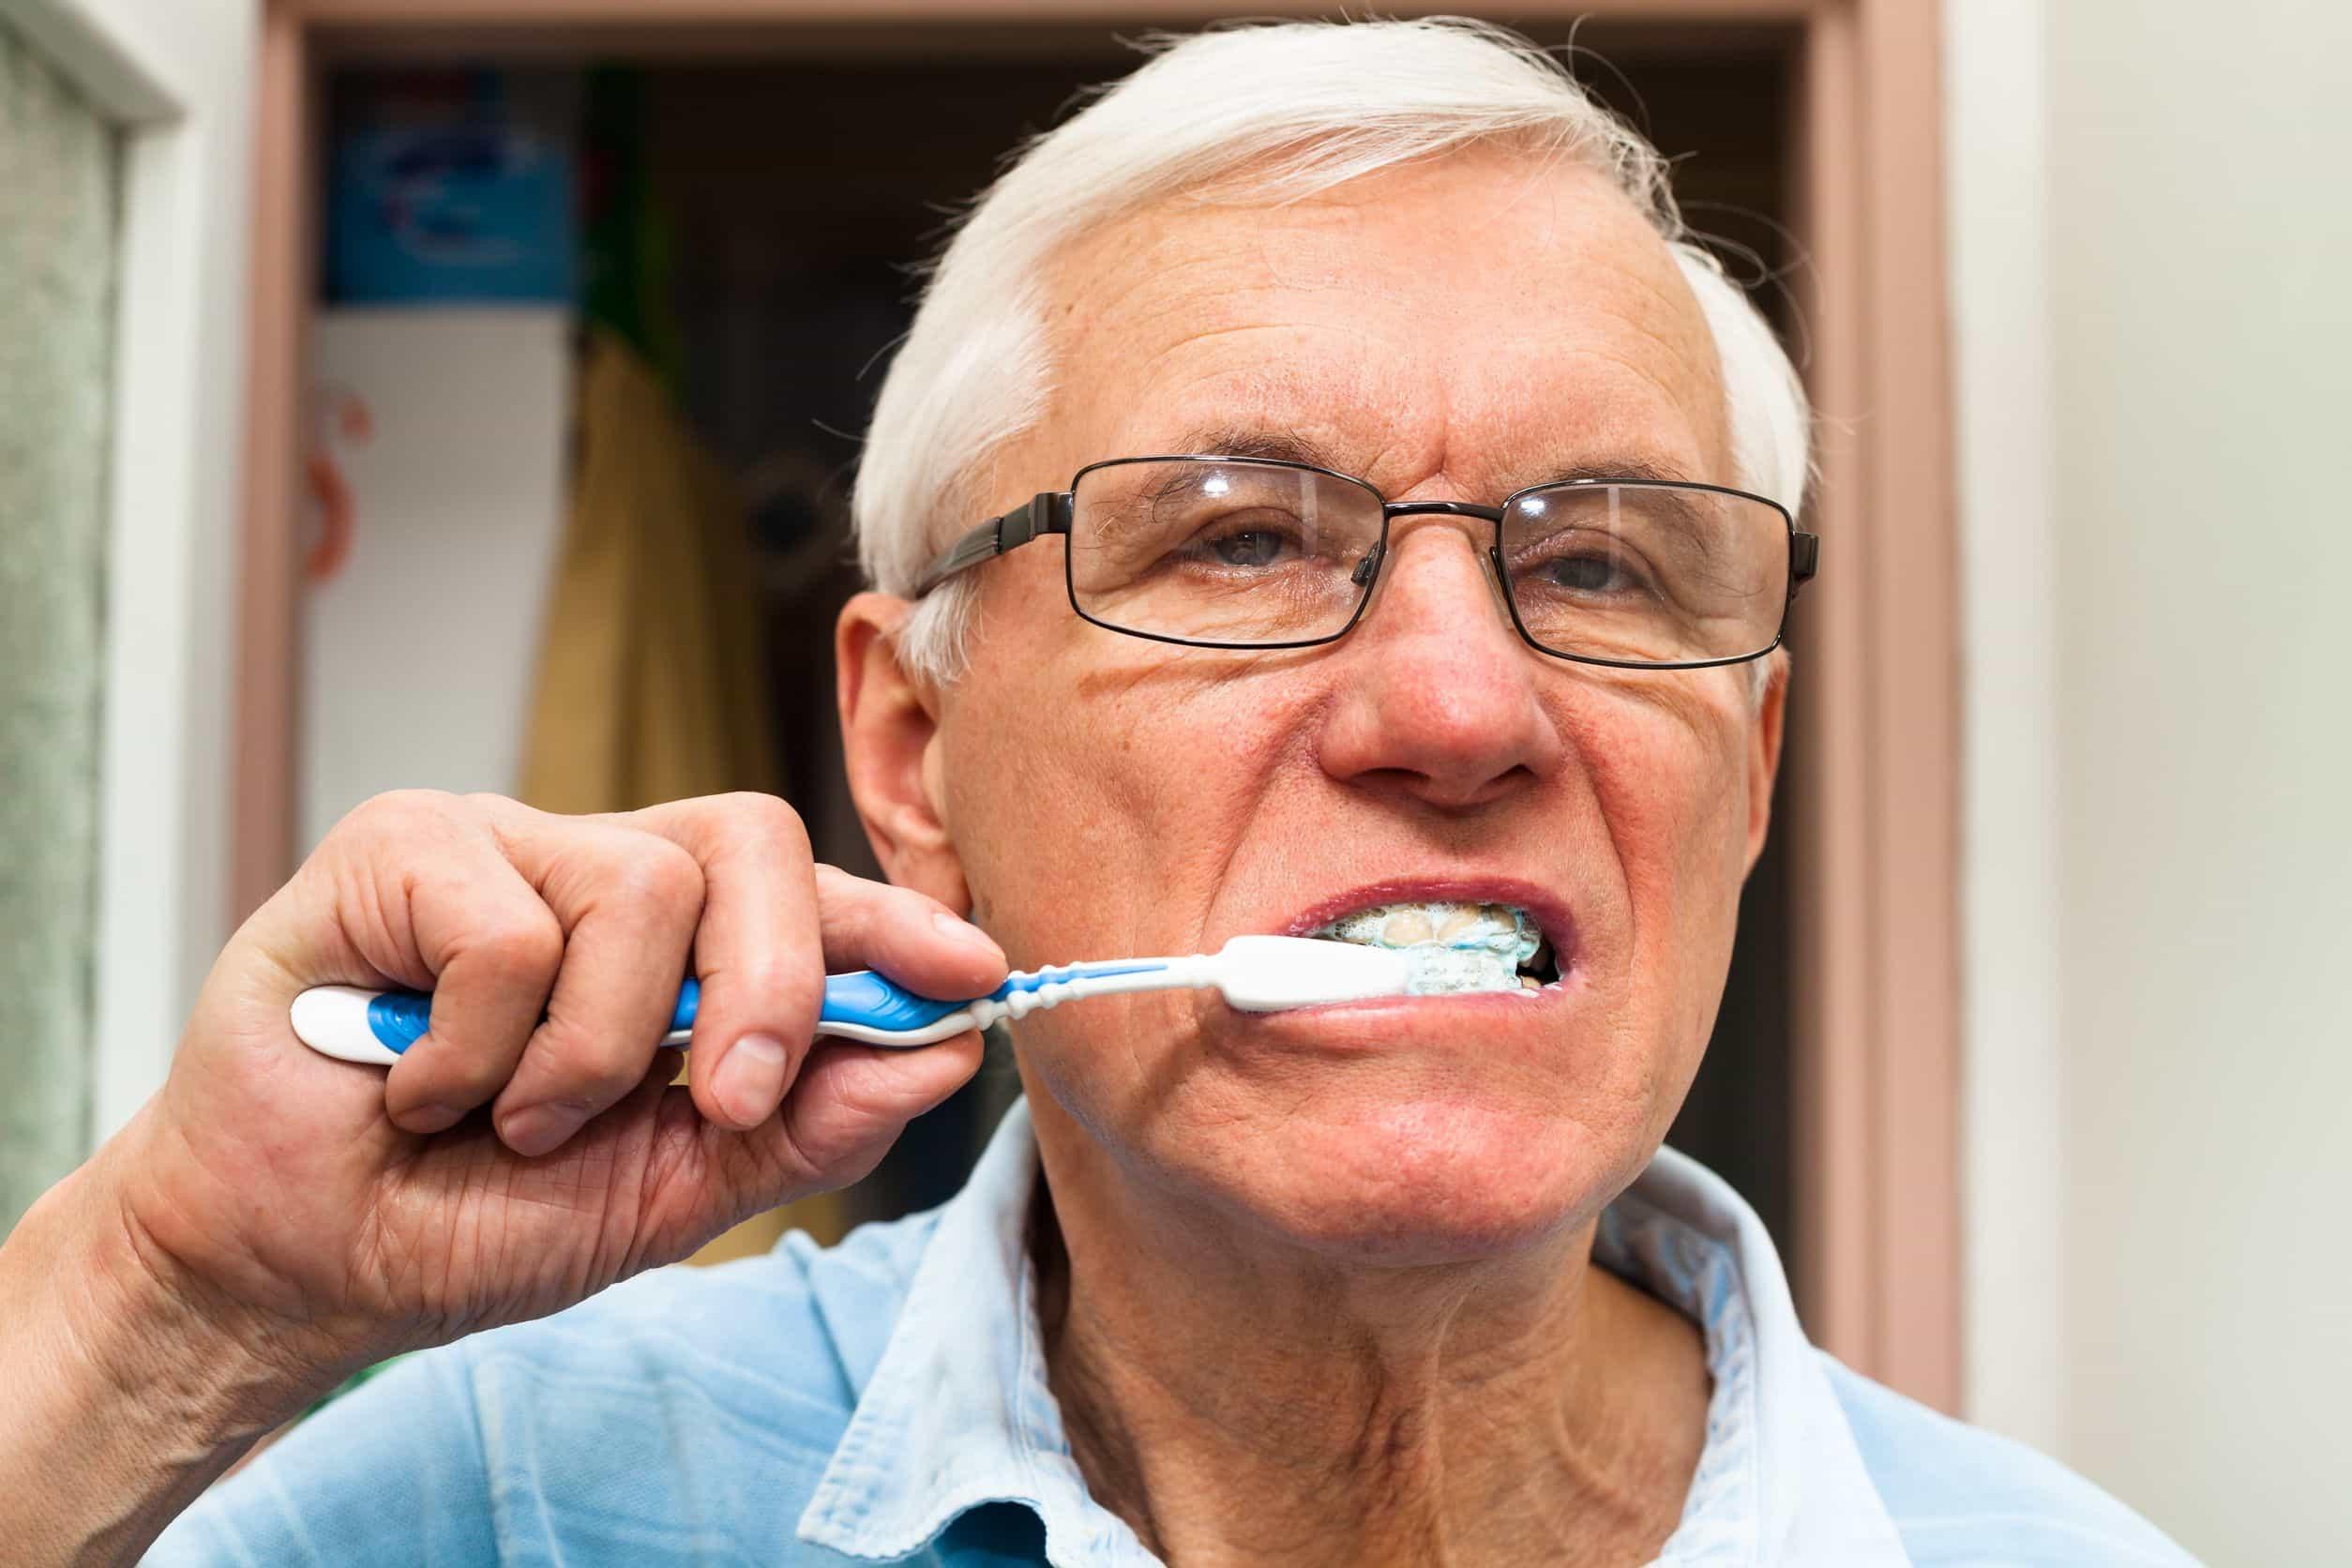 17546756 - close up of senior man brushing his teeth.